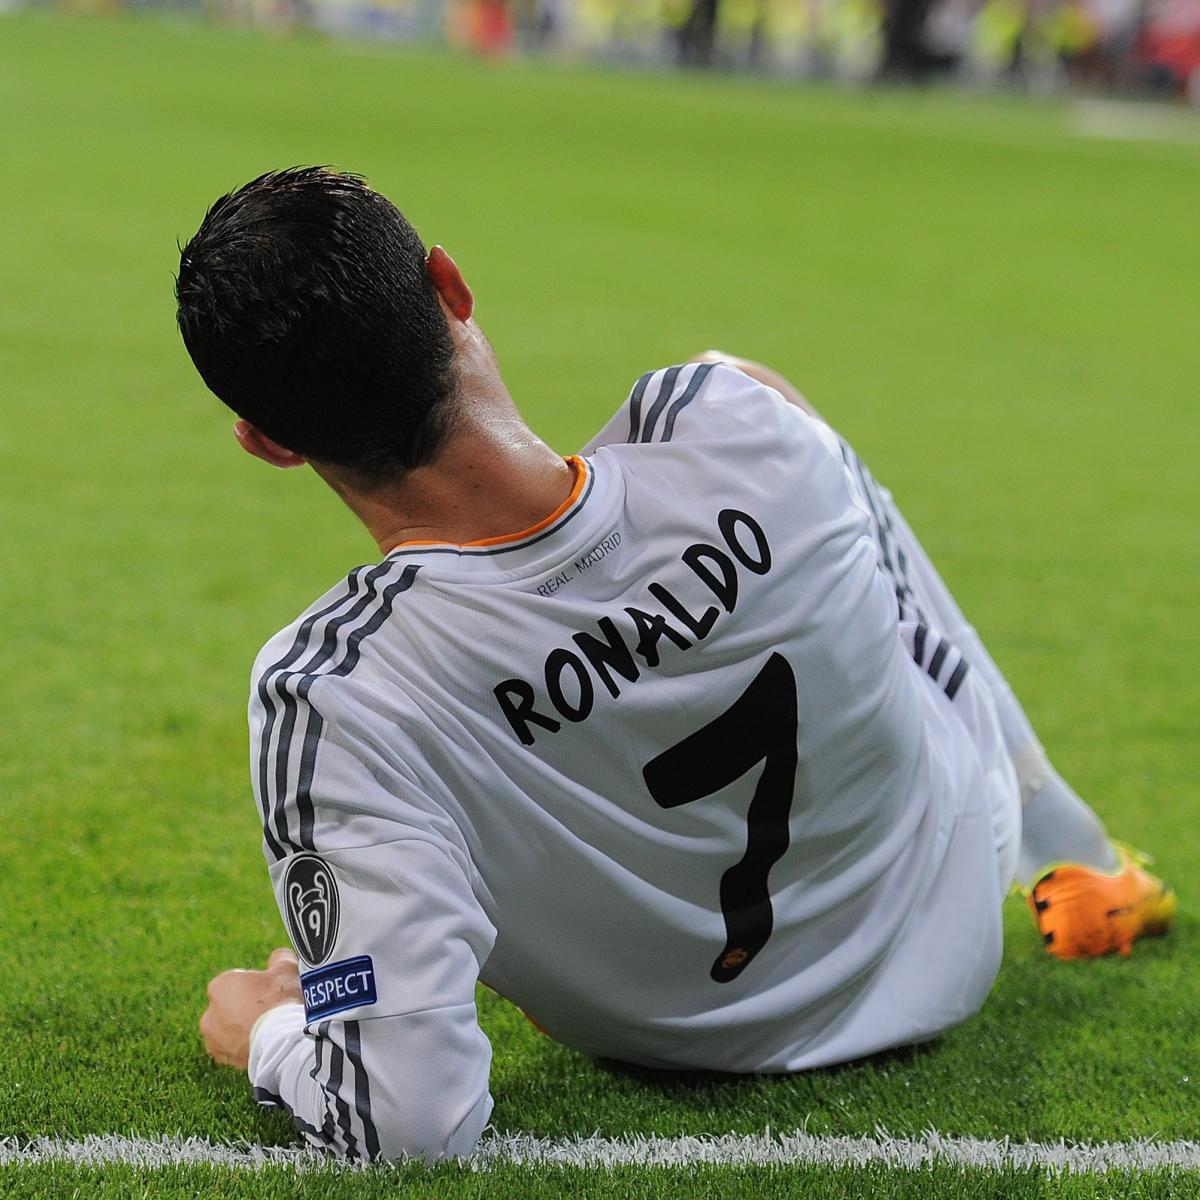 Cristiano Ronaldo S 4 Goals Lead Real Madrid To Win Vs: Analyzing Cristiano Ronaldo's Performance Vs. Copenhagen